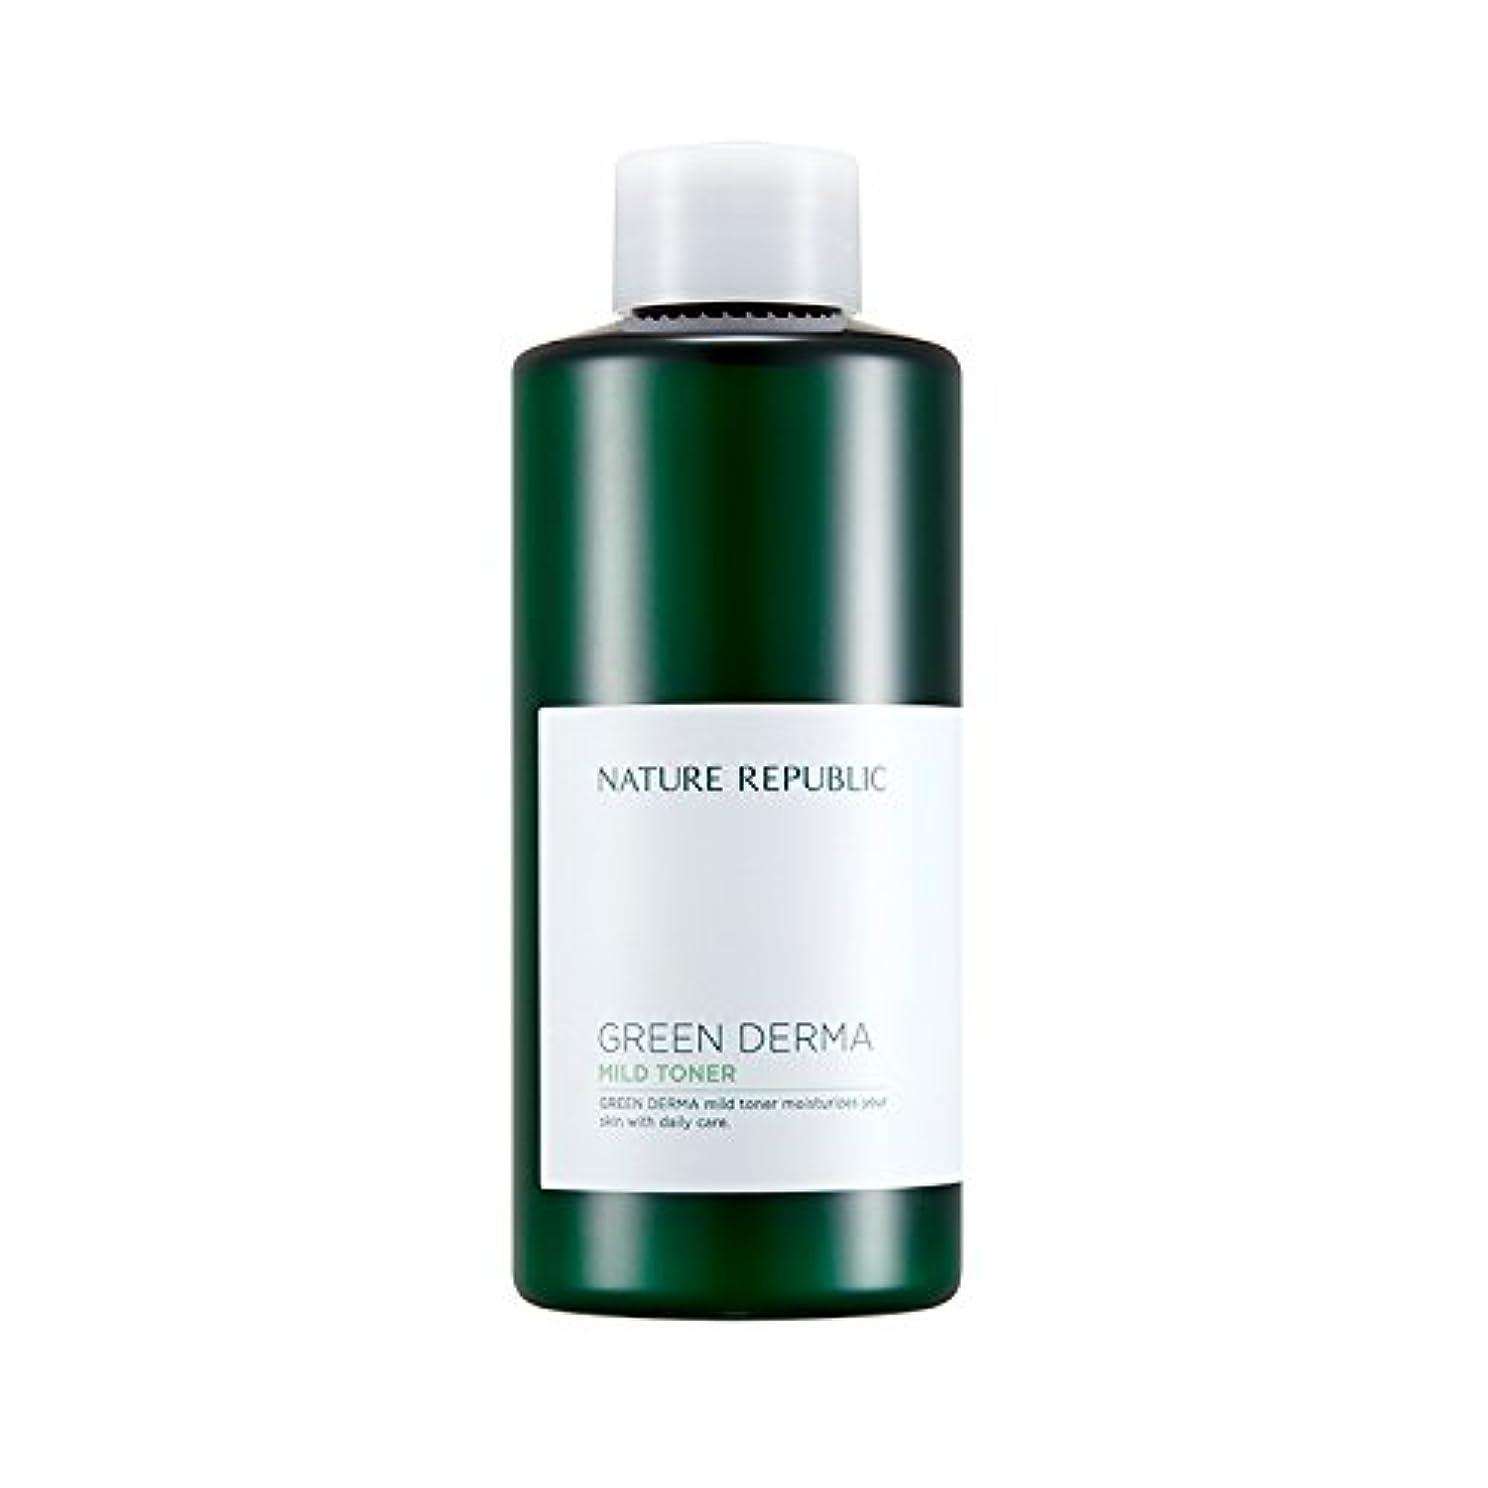 血統慣性真実NATURE REPUBLIC Green Derma Mild Toner / ネイチャーリパブリック グリーンダーママイルドトナー 200ml [並行輸入品]